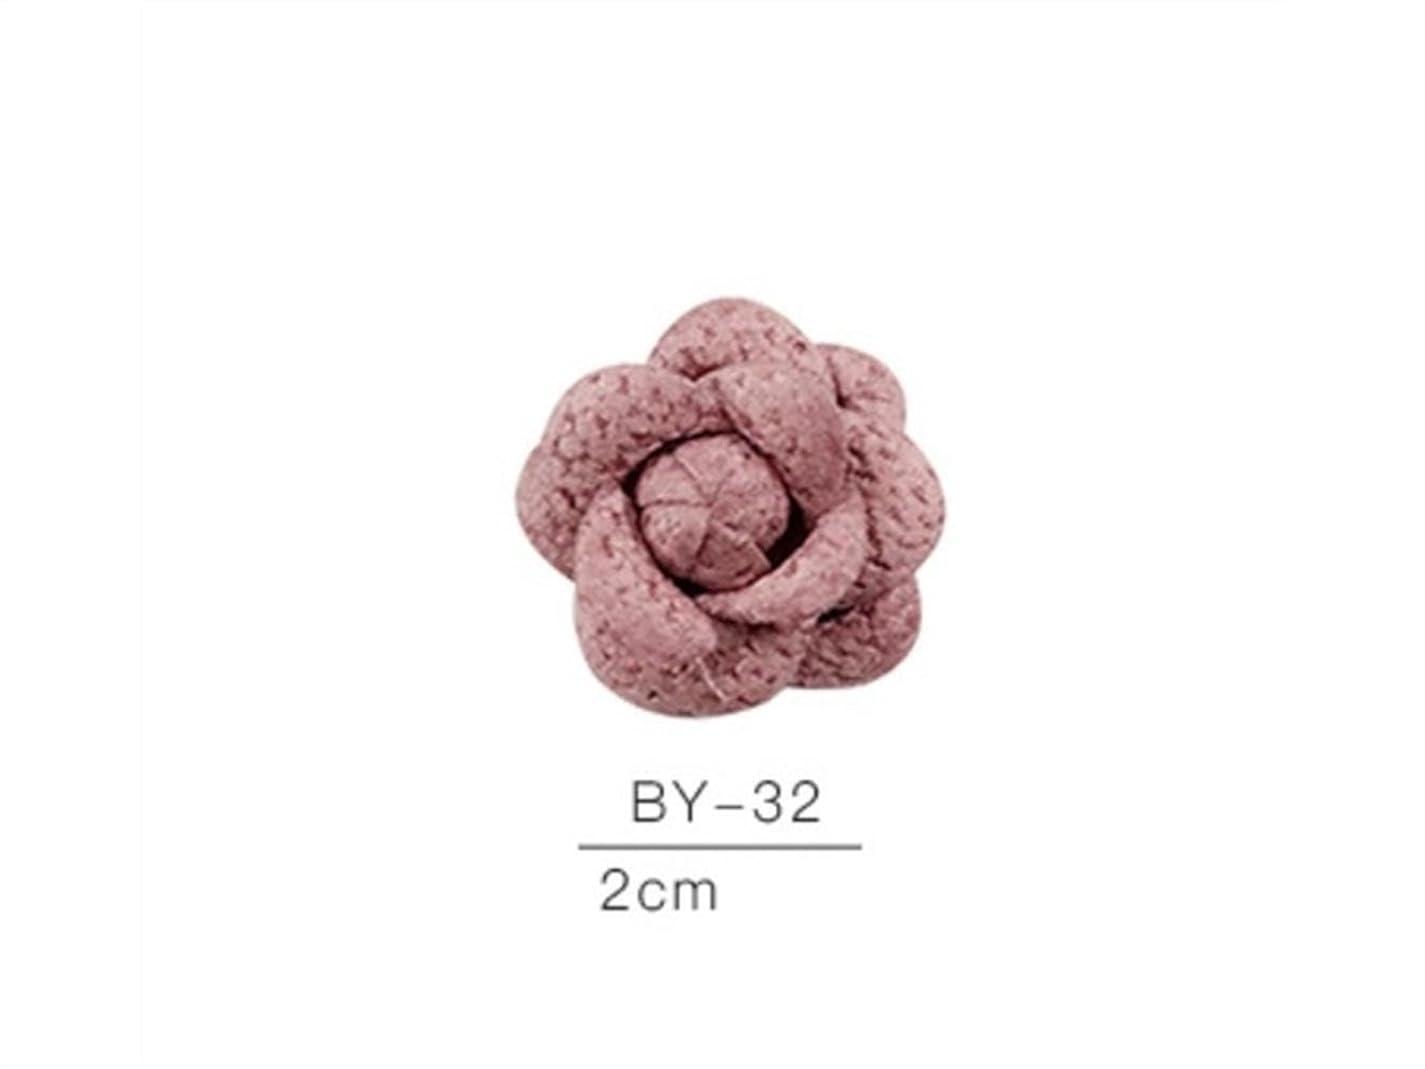 ケント衝突プロテスタントOsize カラフルネイルアート樹脂布カメリアネイルジュエリーファブリックネイルアートデコレーションネイルステッカー(ピンク)